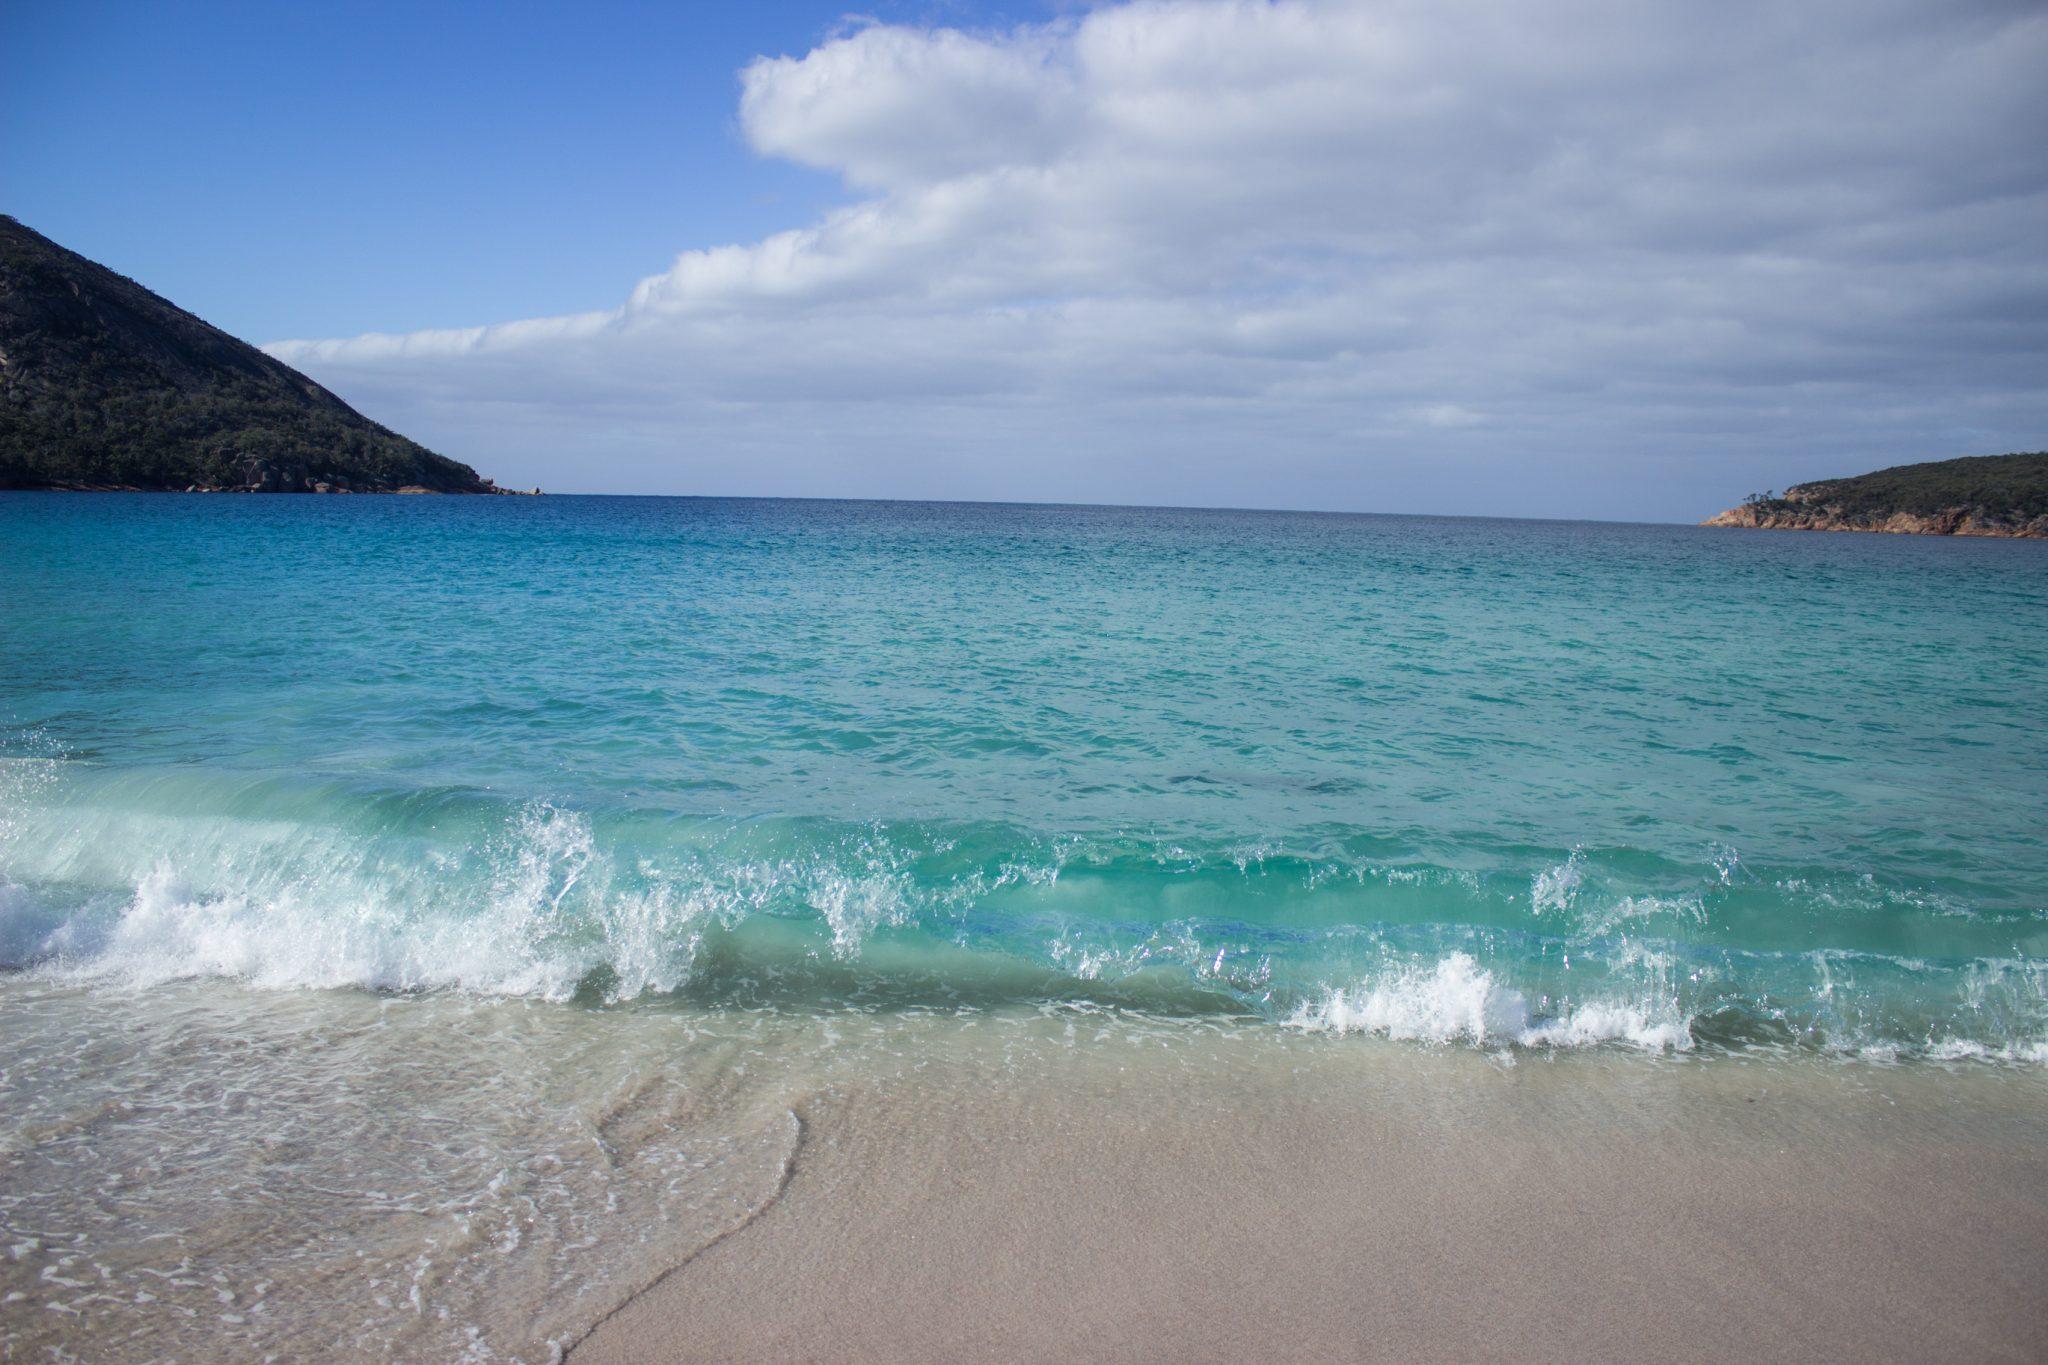 Wineglass Bay, Bucht im traumhaften Freycinet Nationalpark in Tasmanien, Strand mit schneeweißem Zuckersand und kristallklarem Wasser, Traumstrand